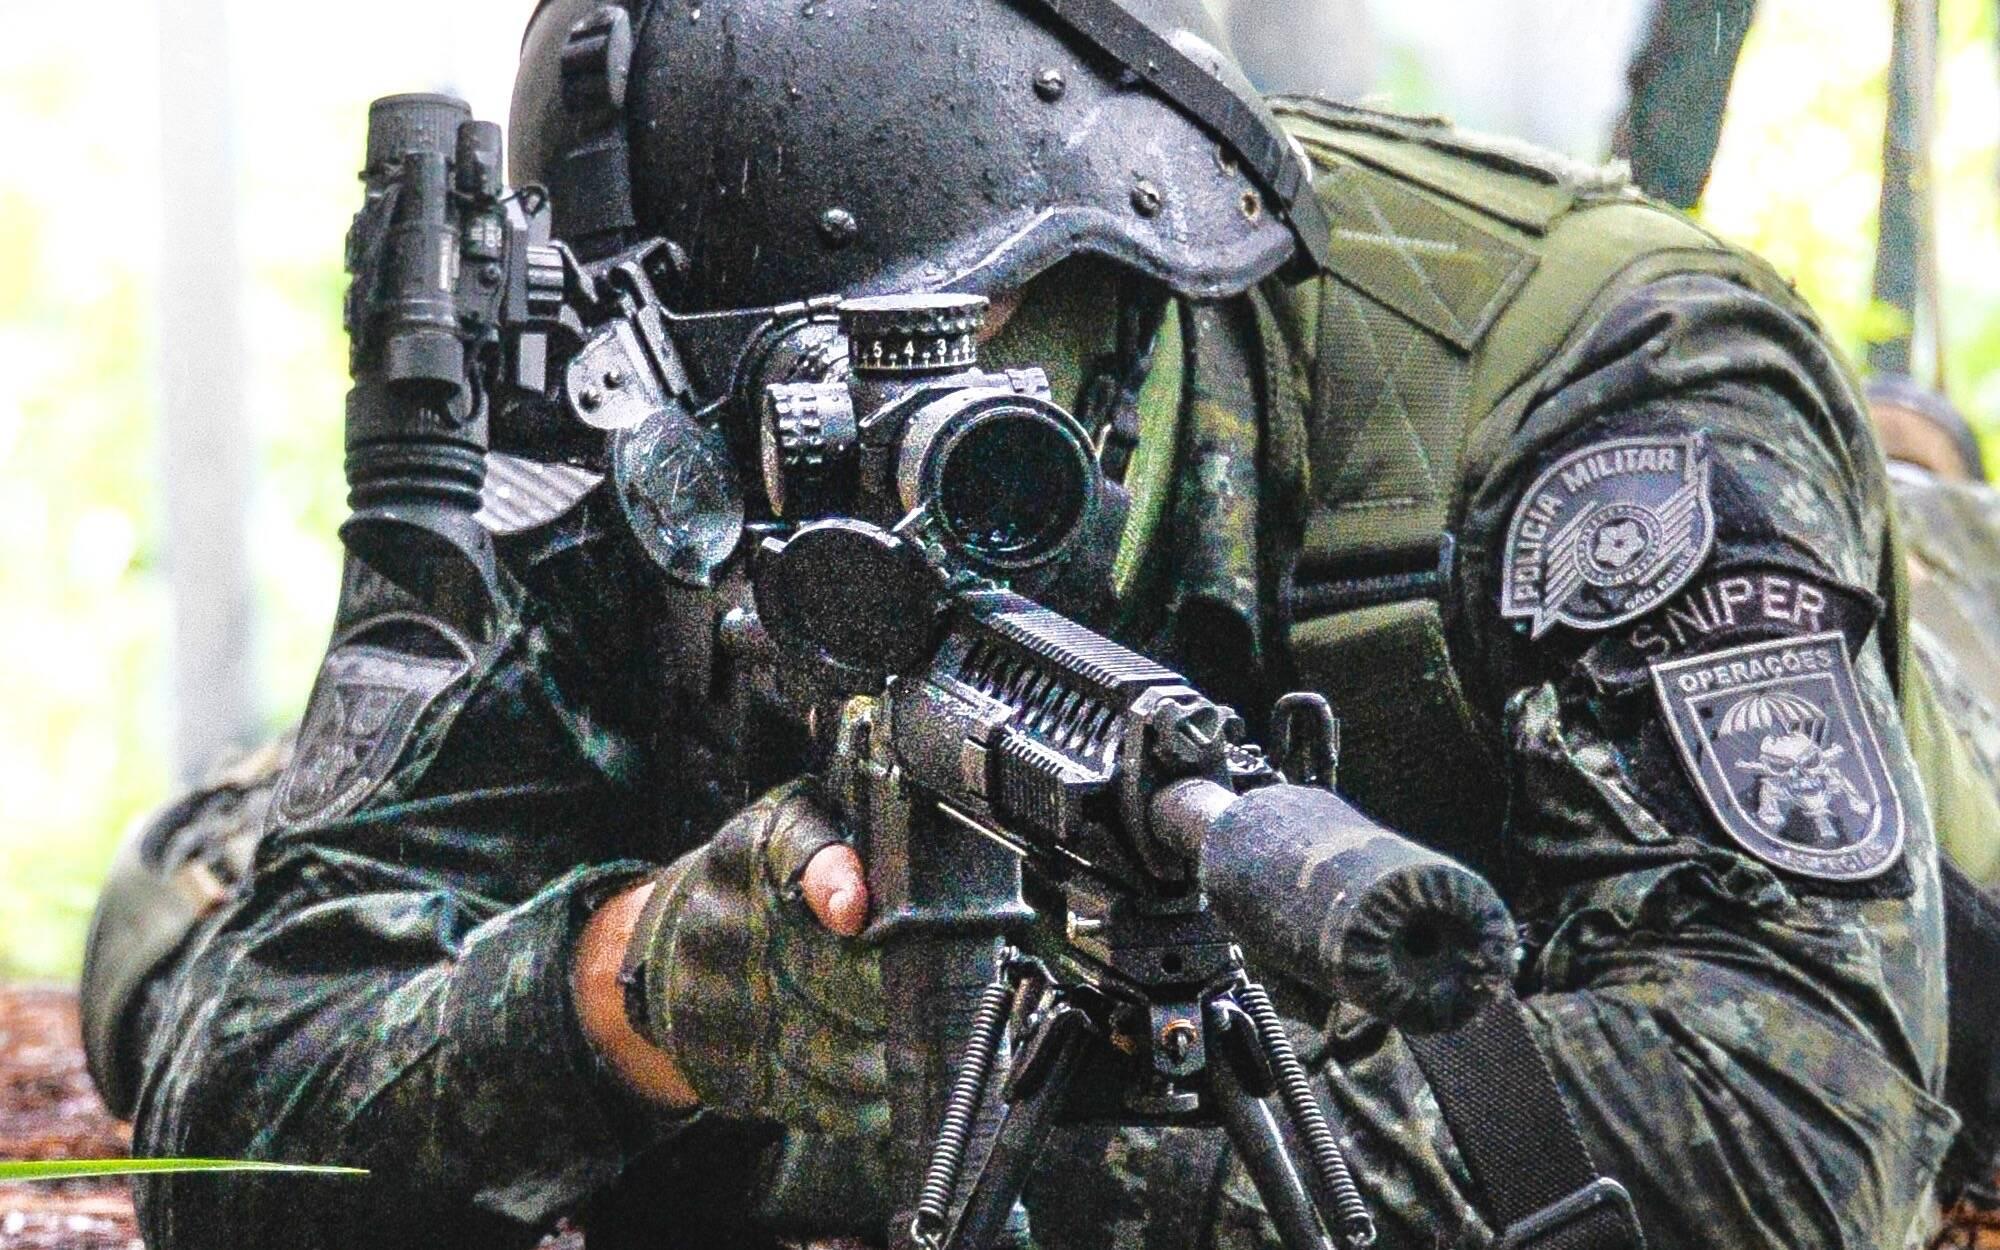 Atirador de Elite do COE observando uma área de interesse através da potente luneta do seu rifle. Note o equipamento de visão noturna sobre seu capacete. Foto: Major PM Luis Augusto Pacheco Ambar